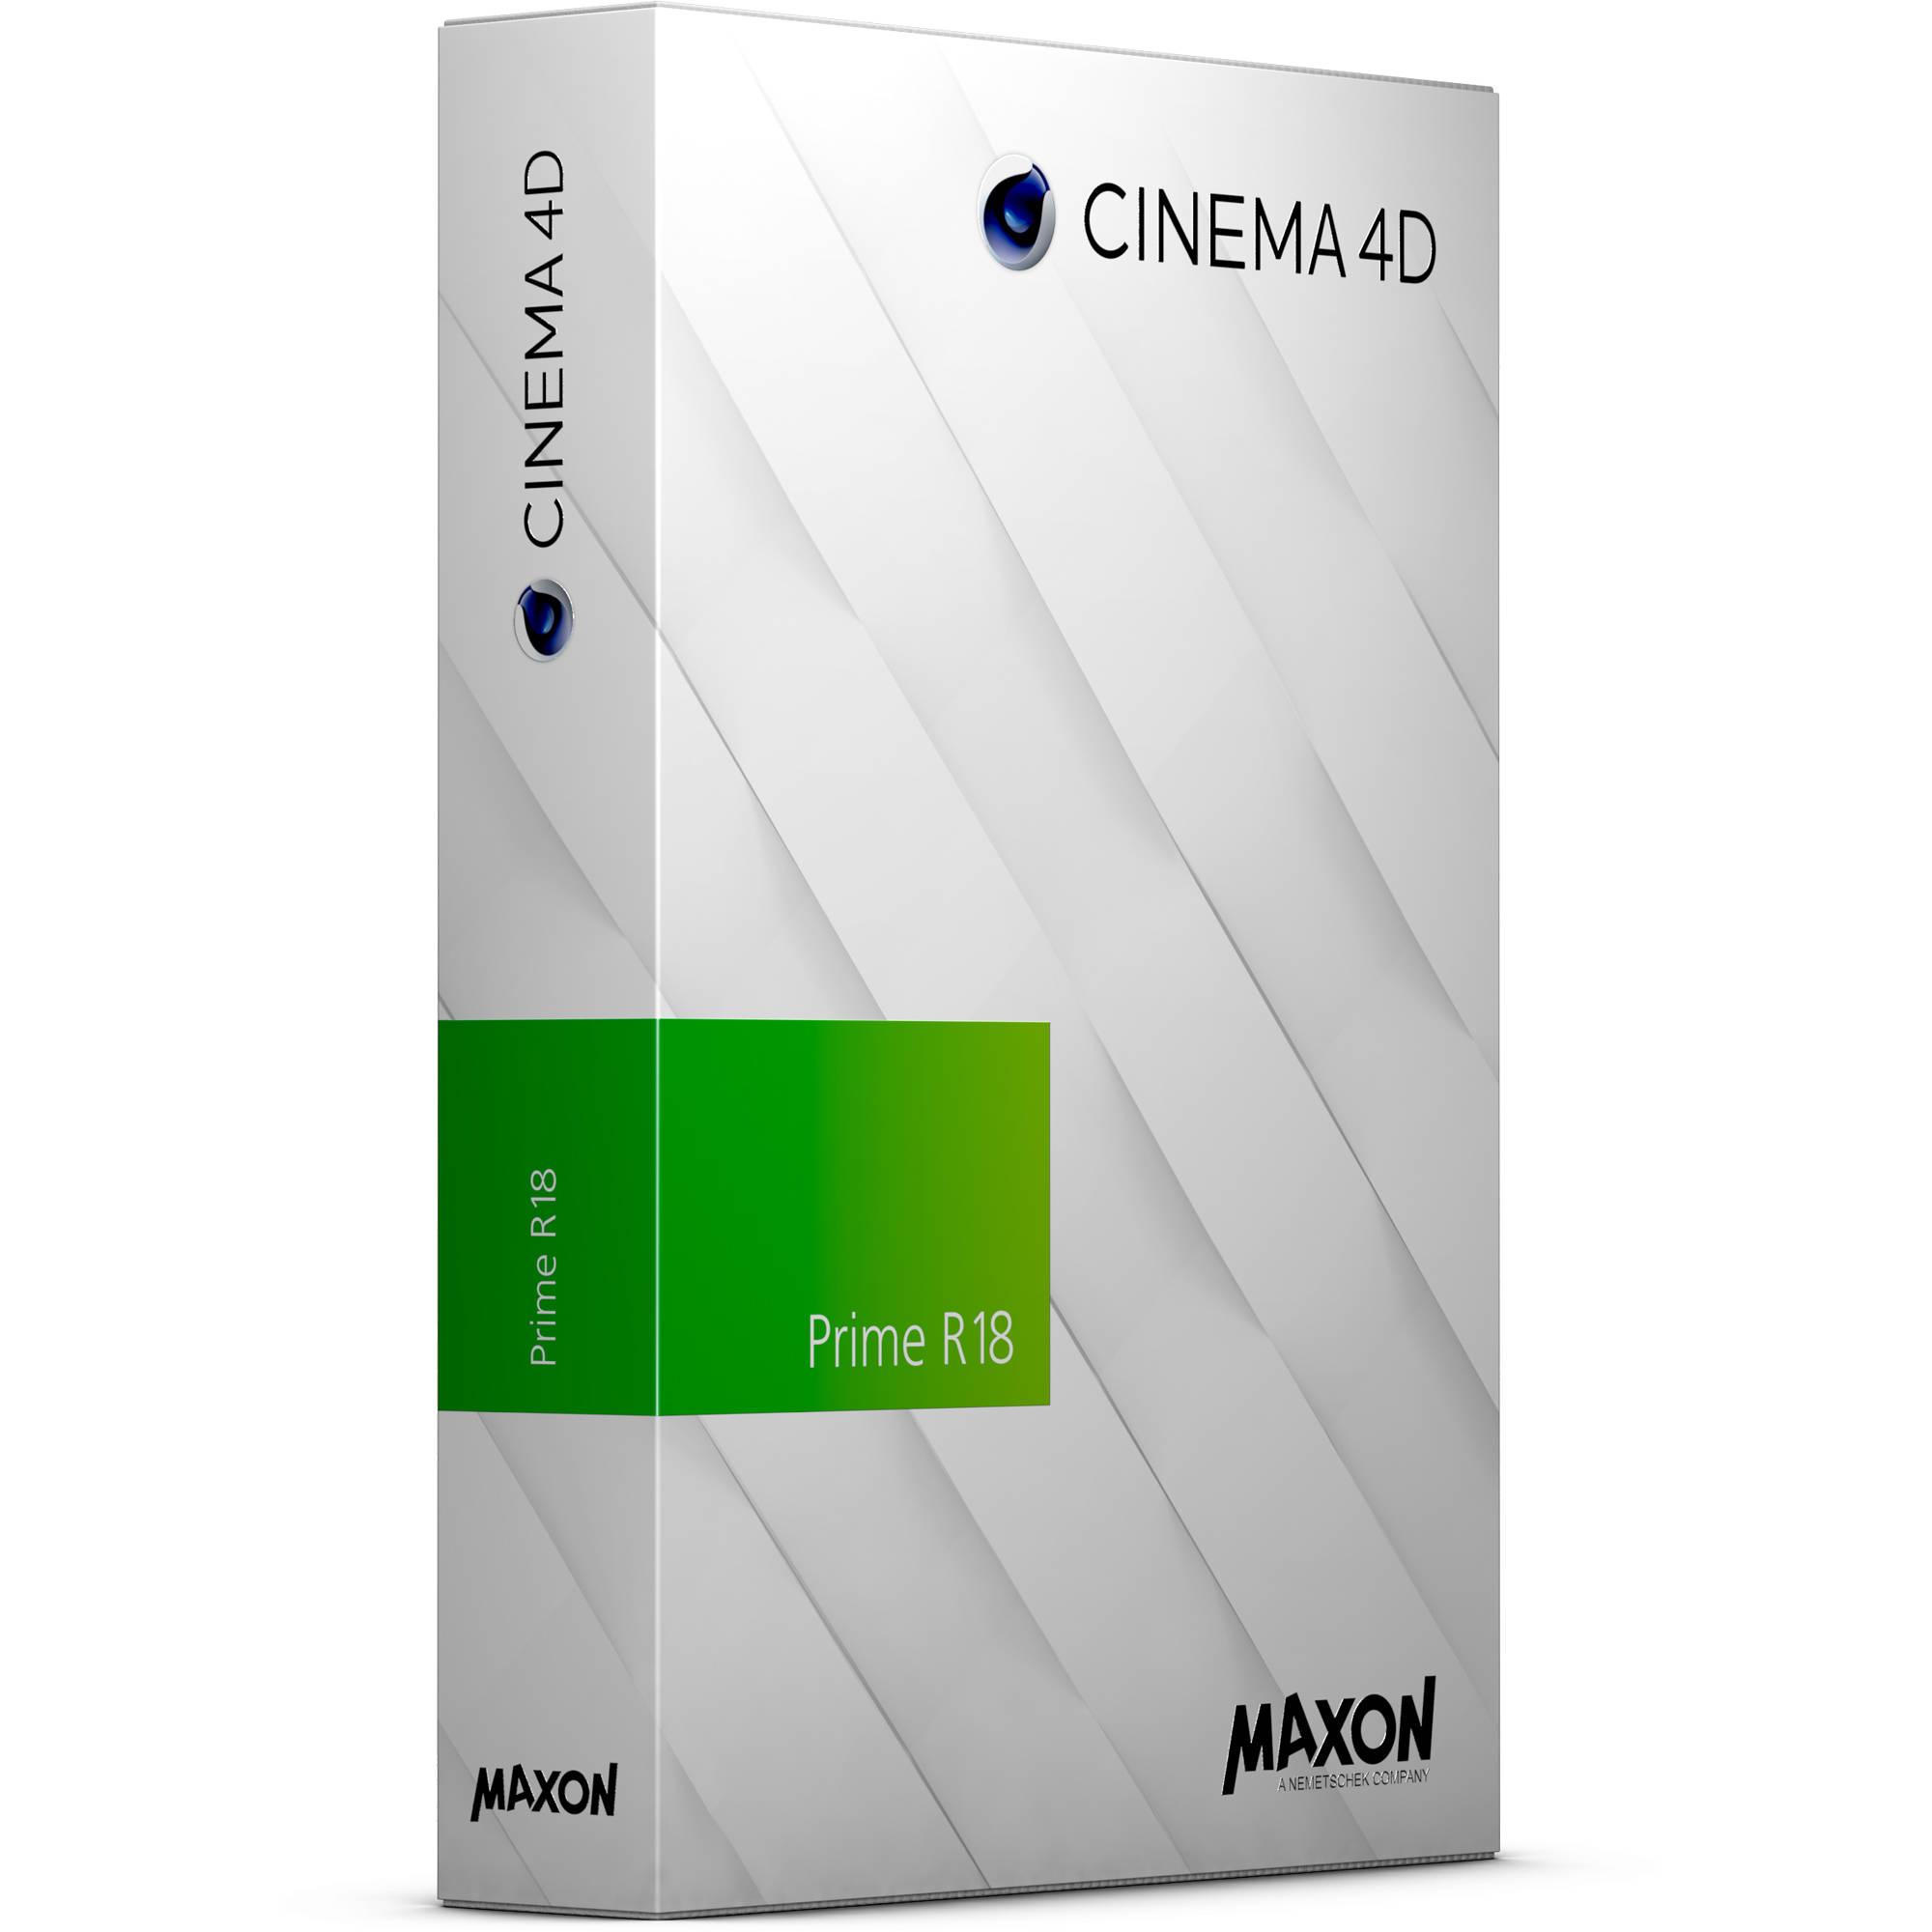 Maxon Cinema 4D Prime R18 Multi-License Discount (Download)